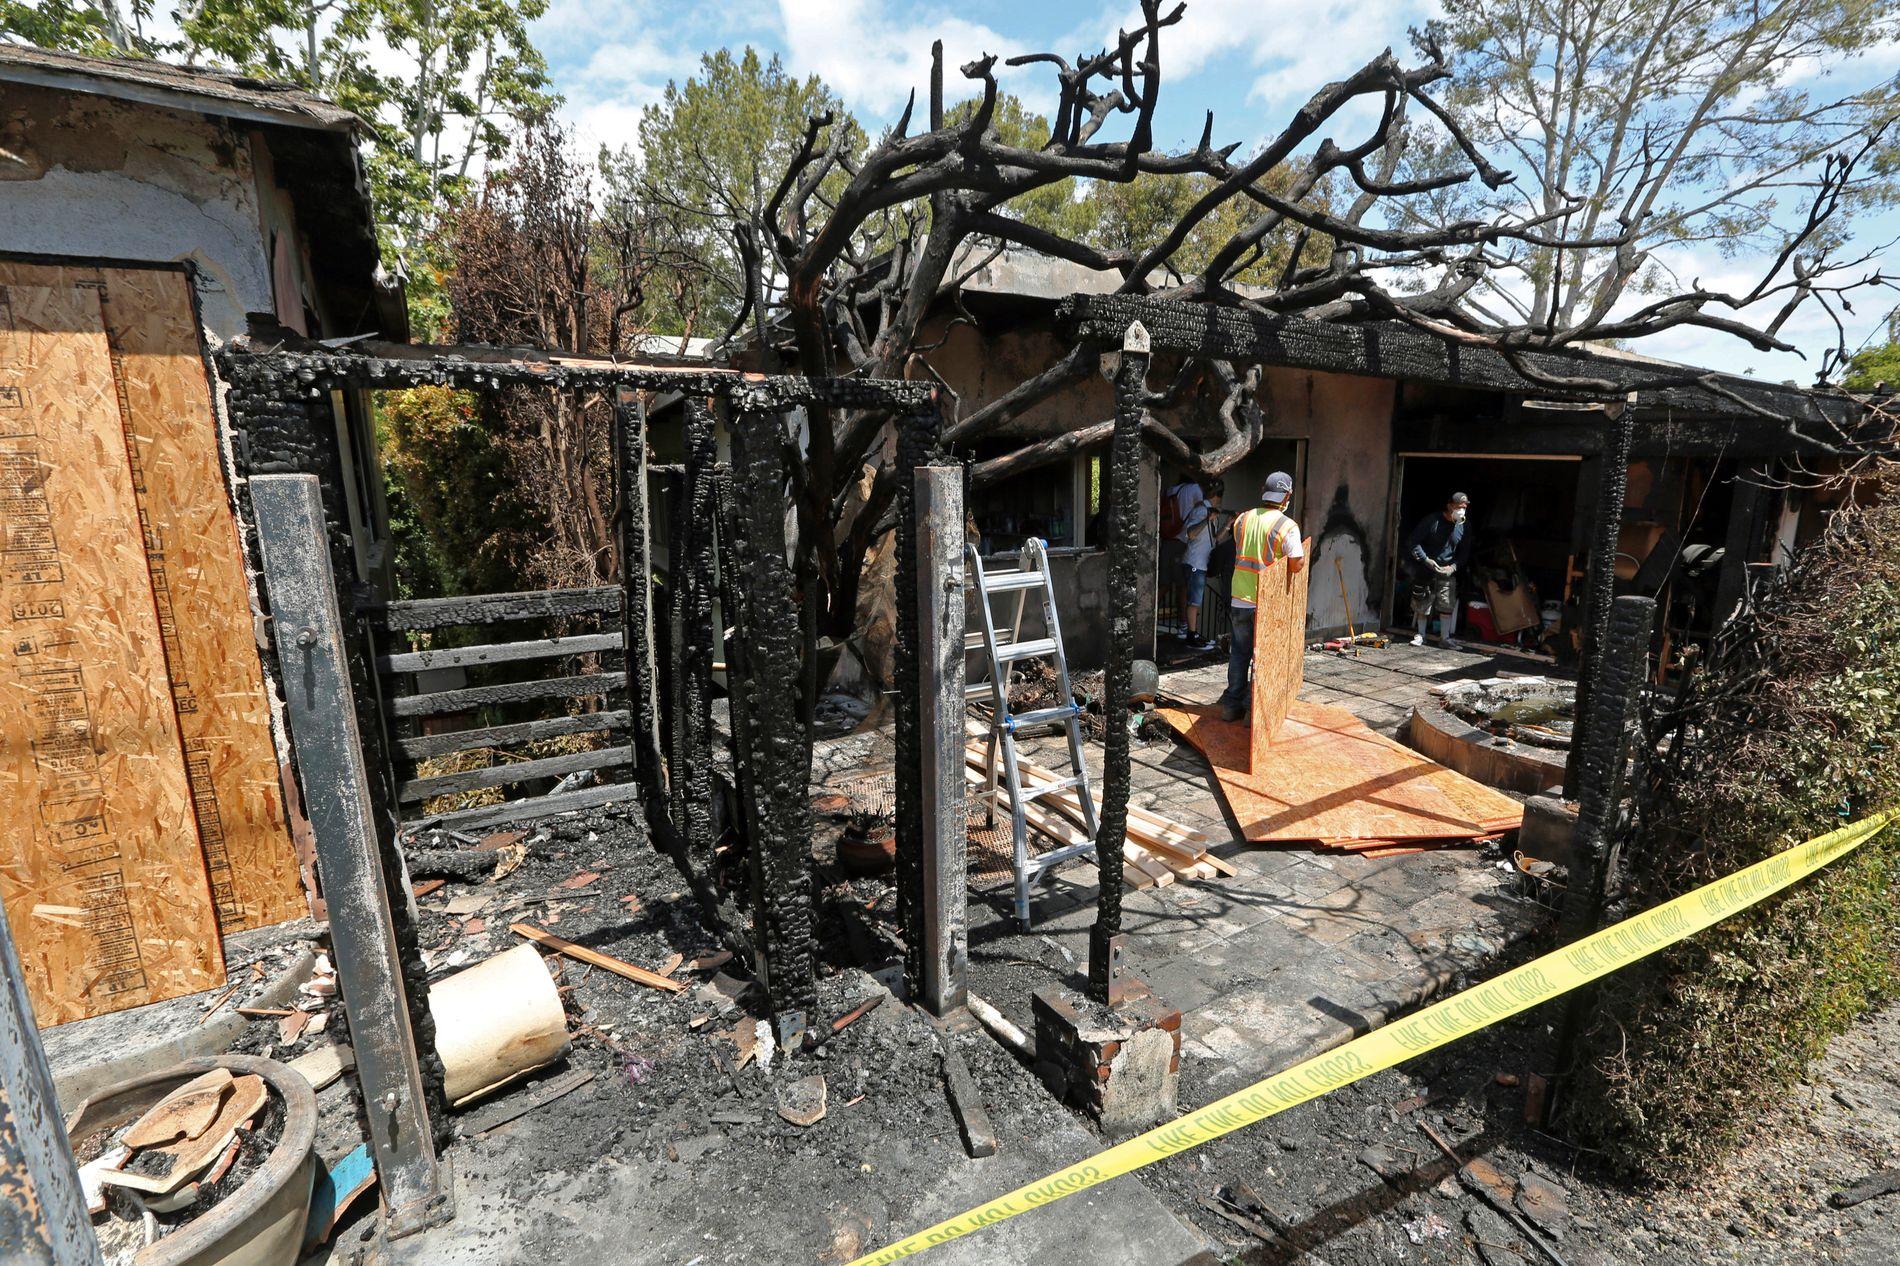 OPPRYDDING: Oppryddingen etter brannen i huset som Gunilla Persson leide og naboens hus, er i full gang etter brannen natt til torsdag.